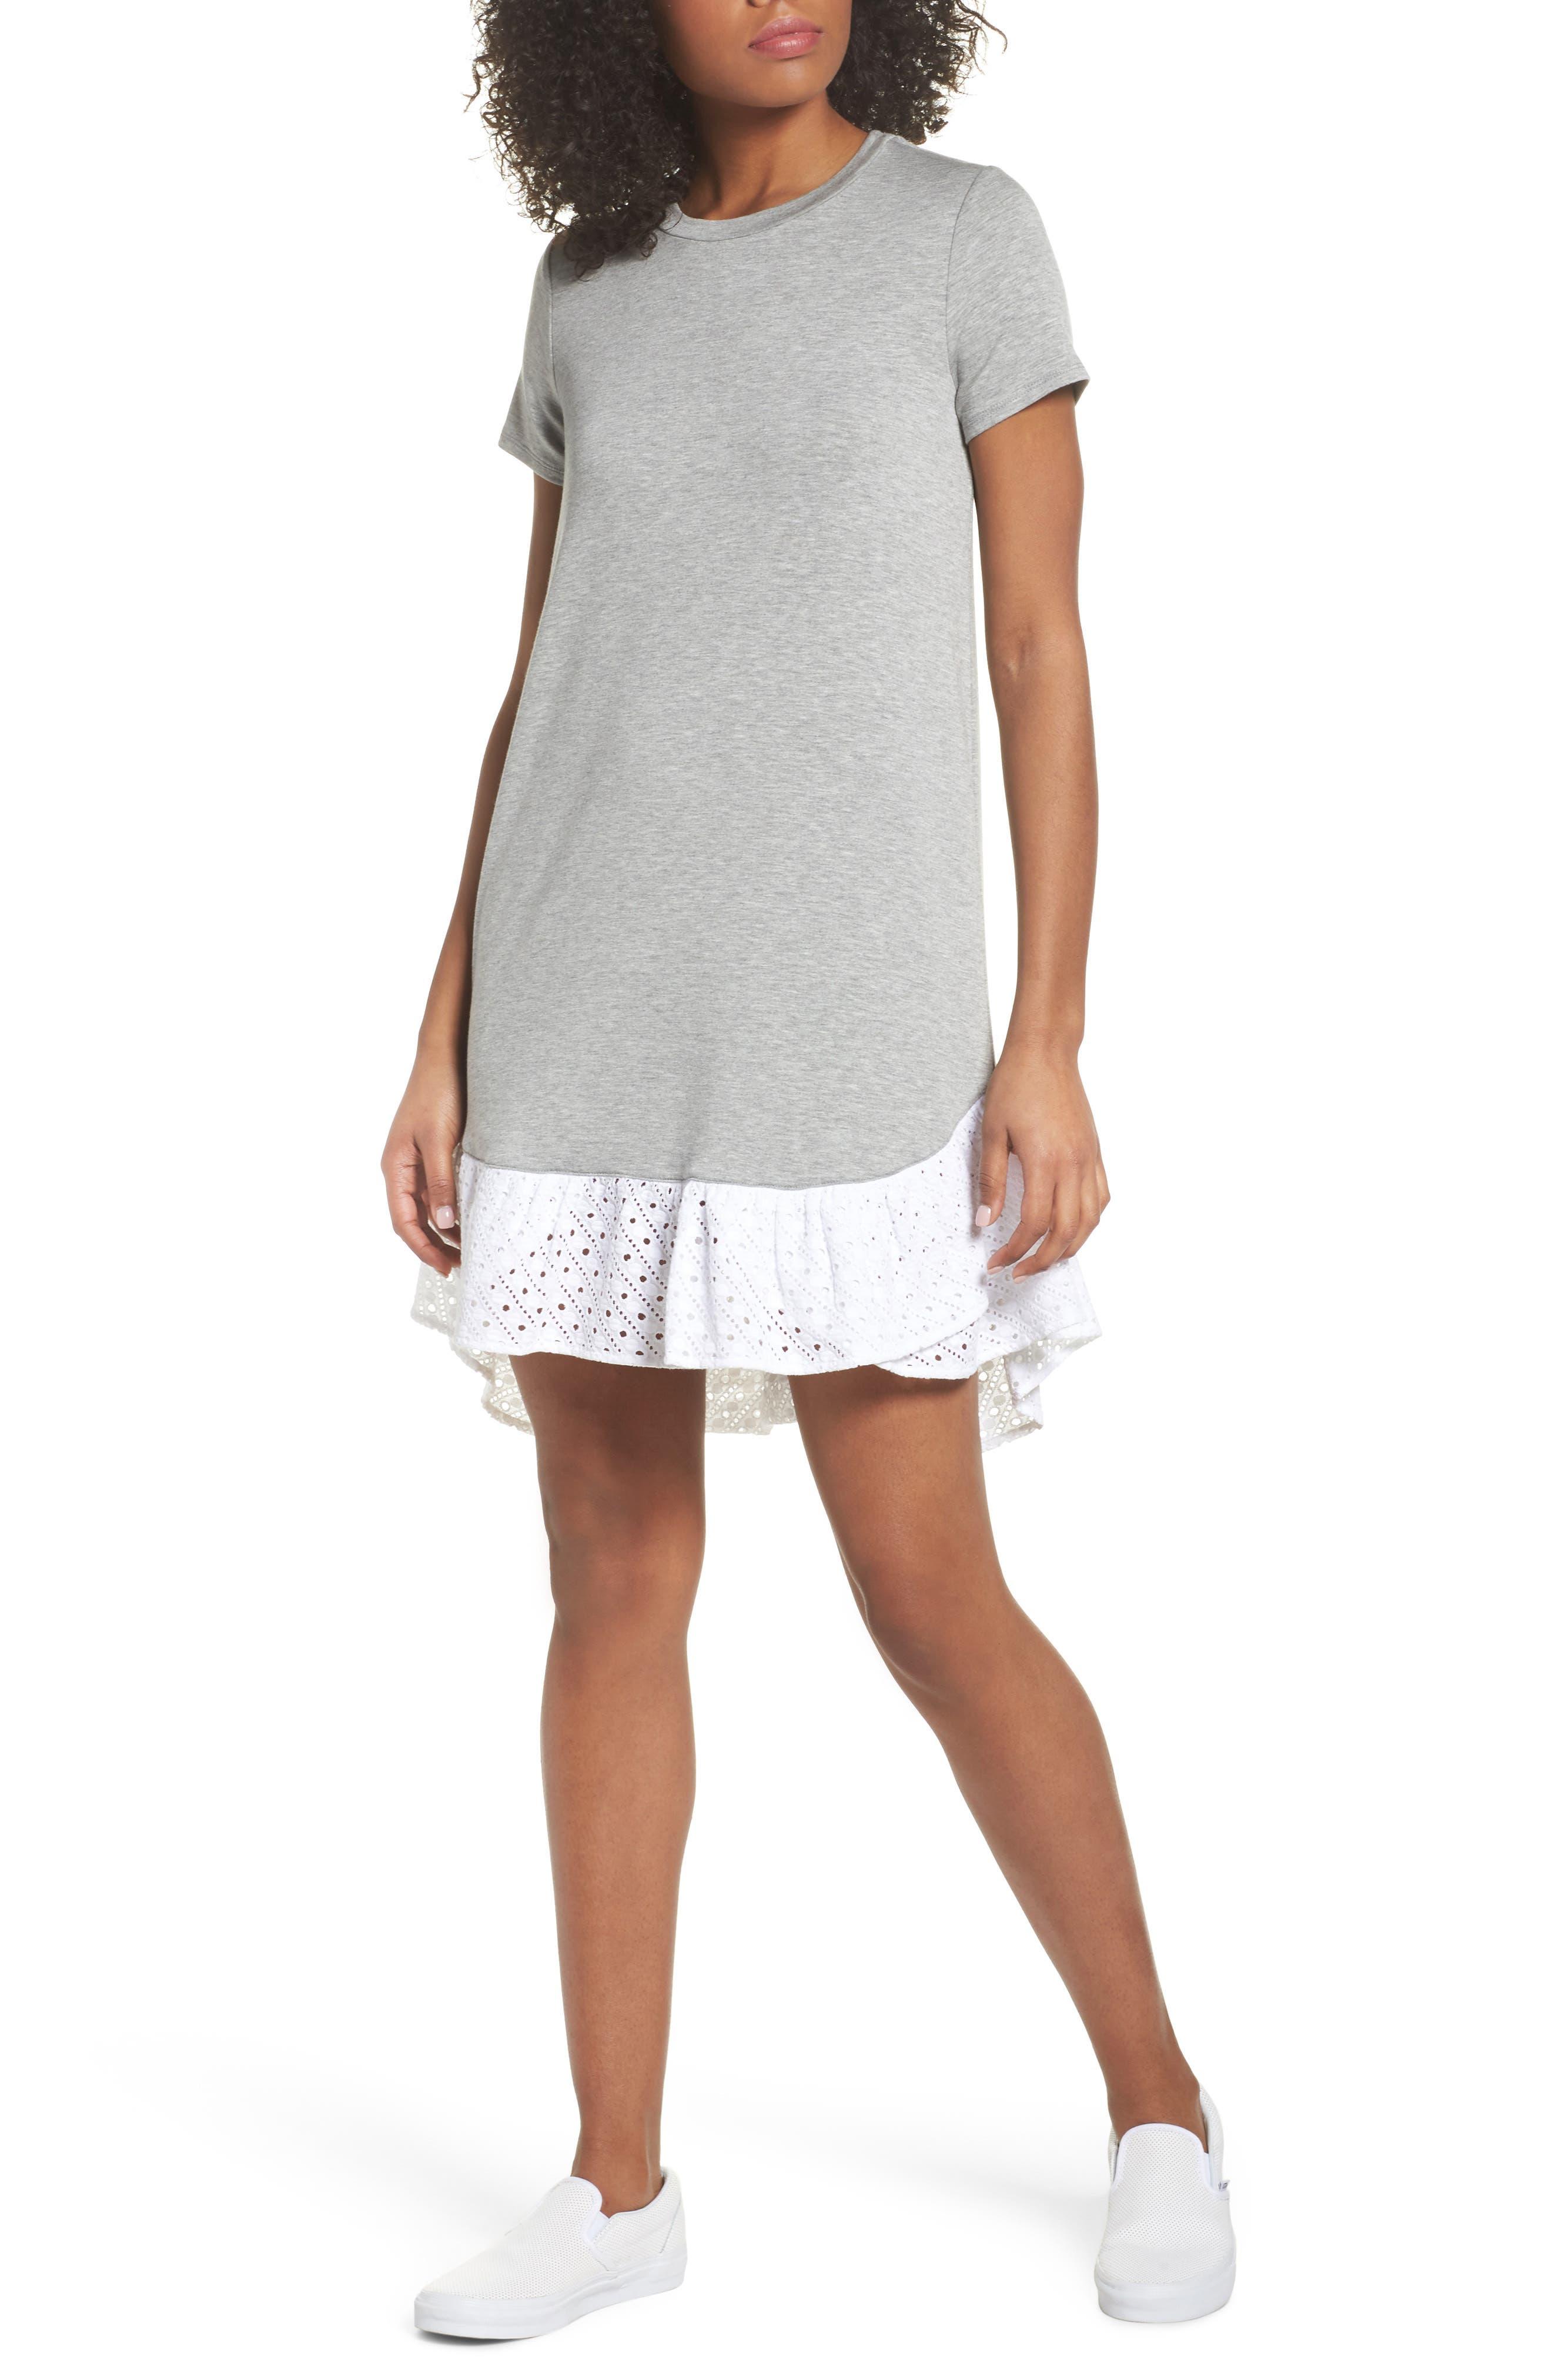 Main Image - Chelsea28 Eyelet Trim T-Shirt Dress